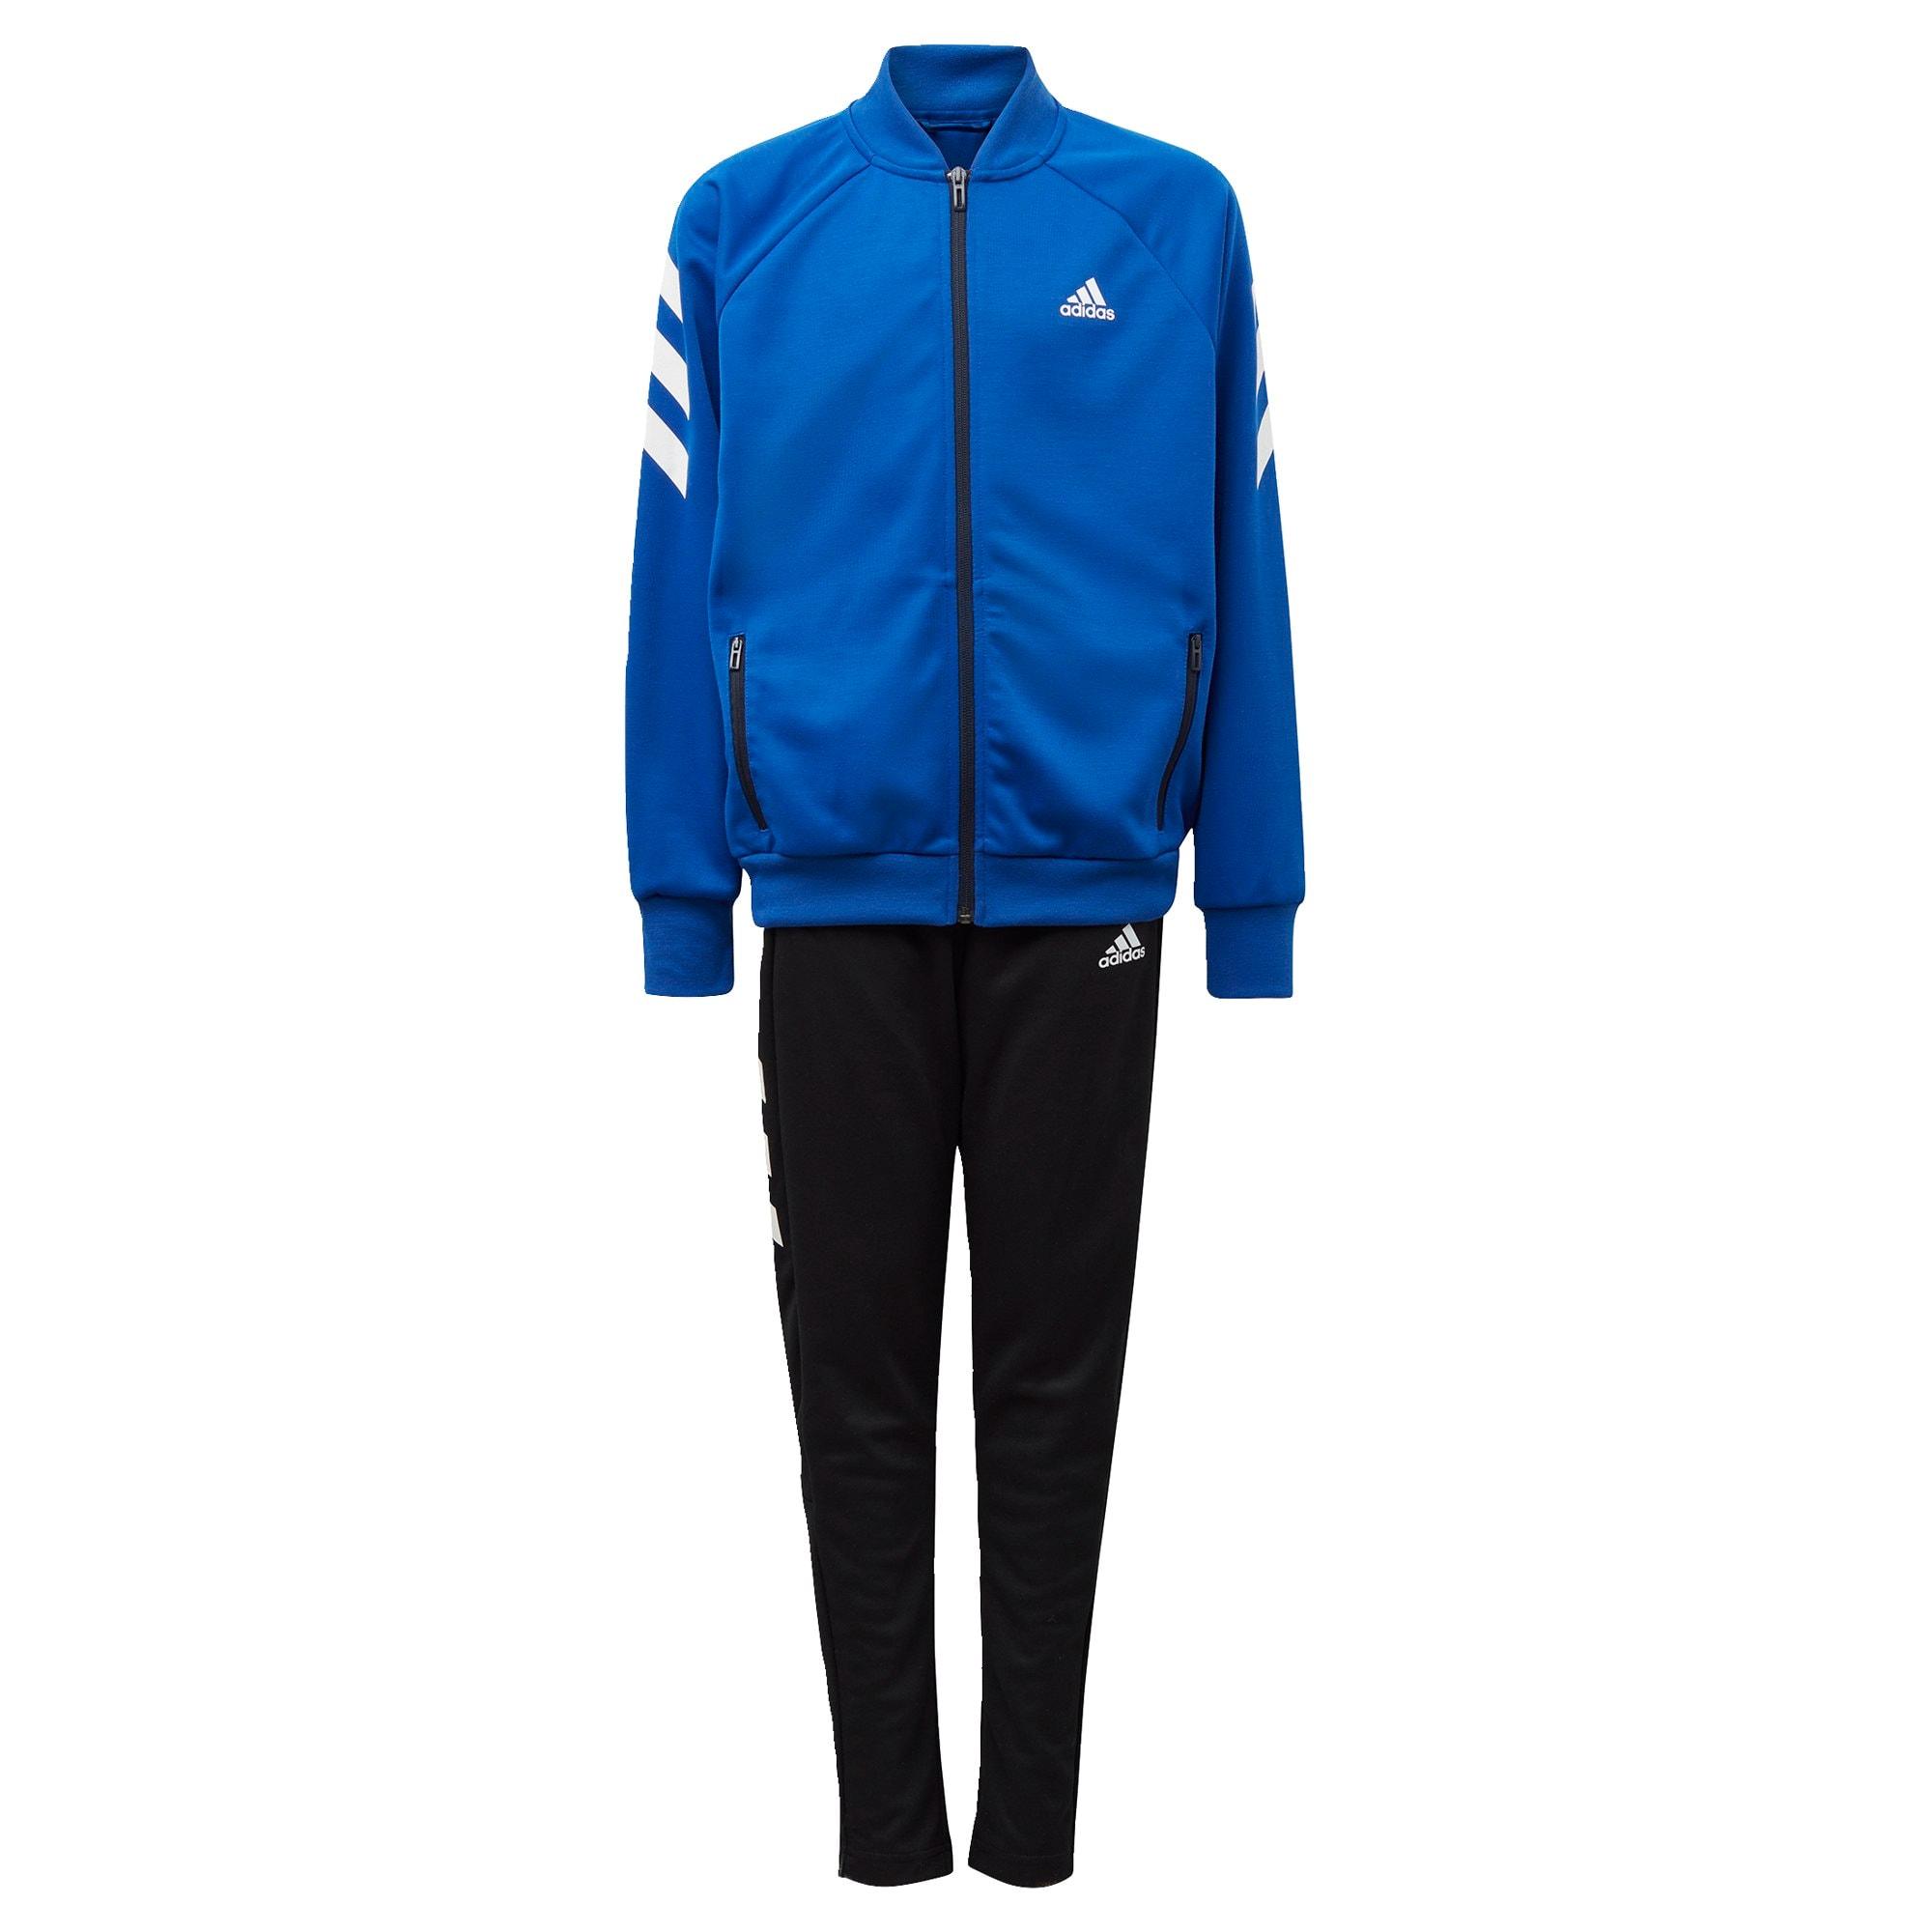 """ADIDAS PERFORMANCE Treniruočių kostiumas juoda / balta / sodri mėlyna (""""karališka"""")"""